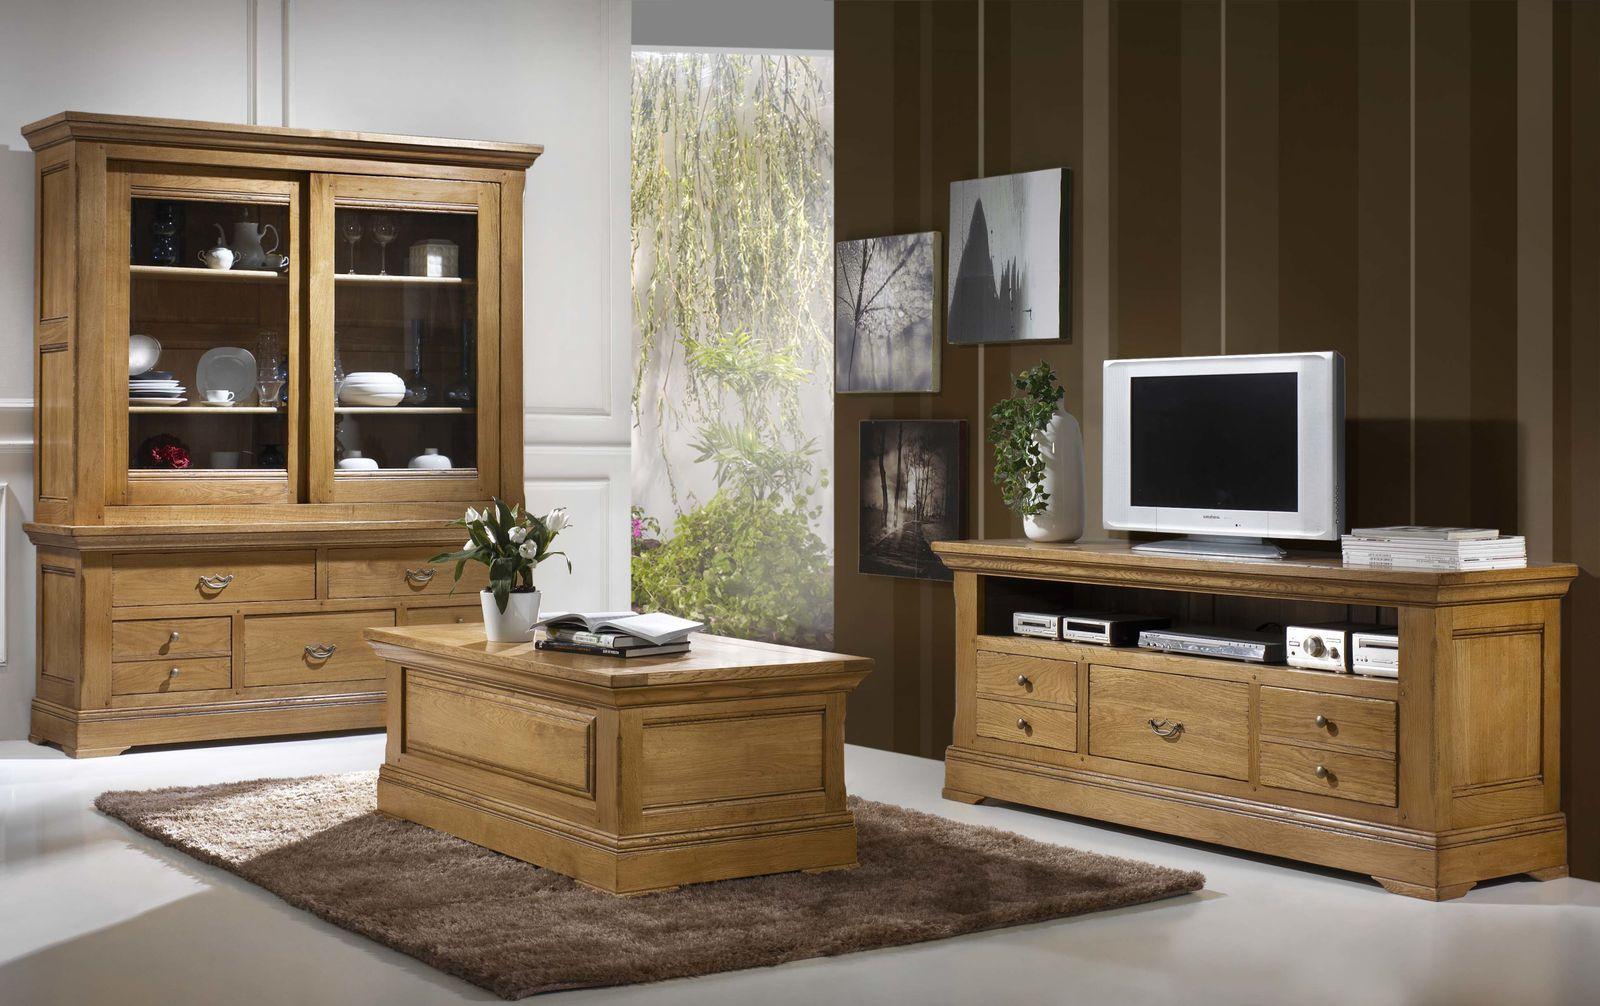 Meubles rustiques en ch ne massif meublesdoudard for Les trois suisses meubles